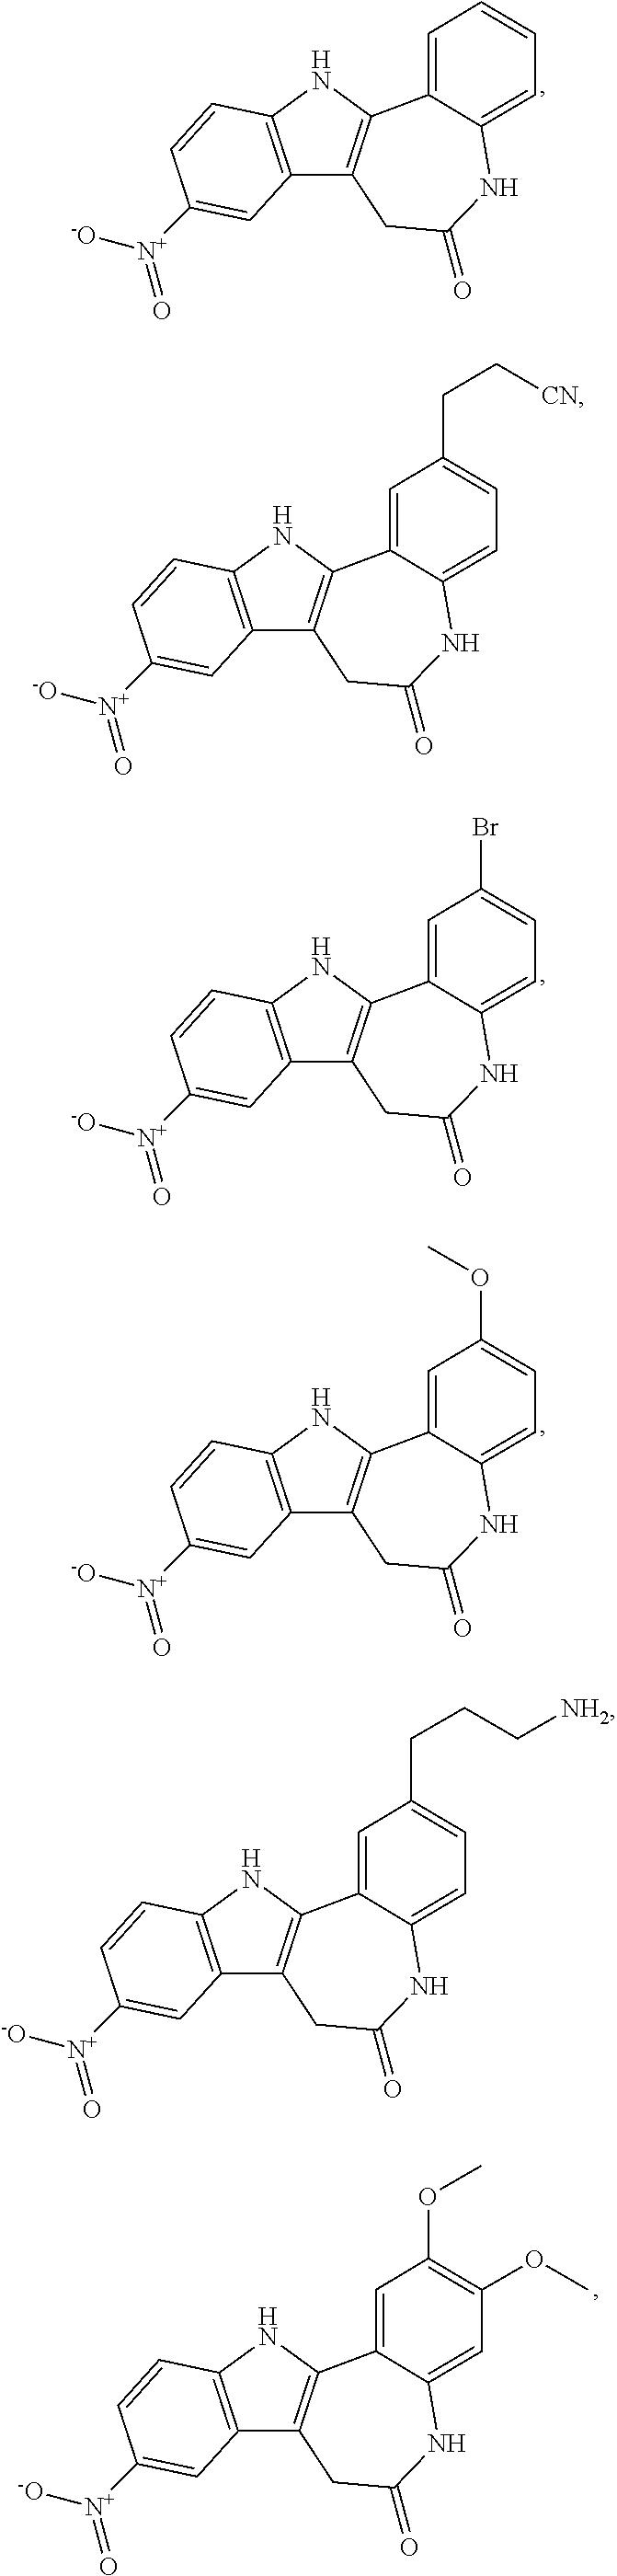 Figure US09572815-20170221-C00009